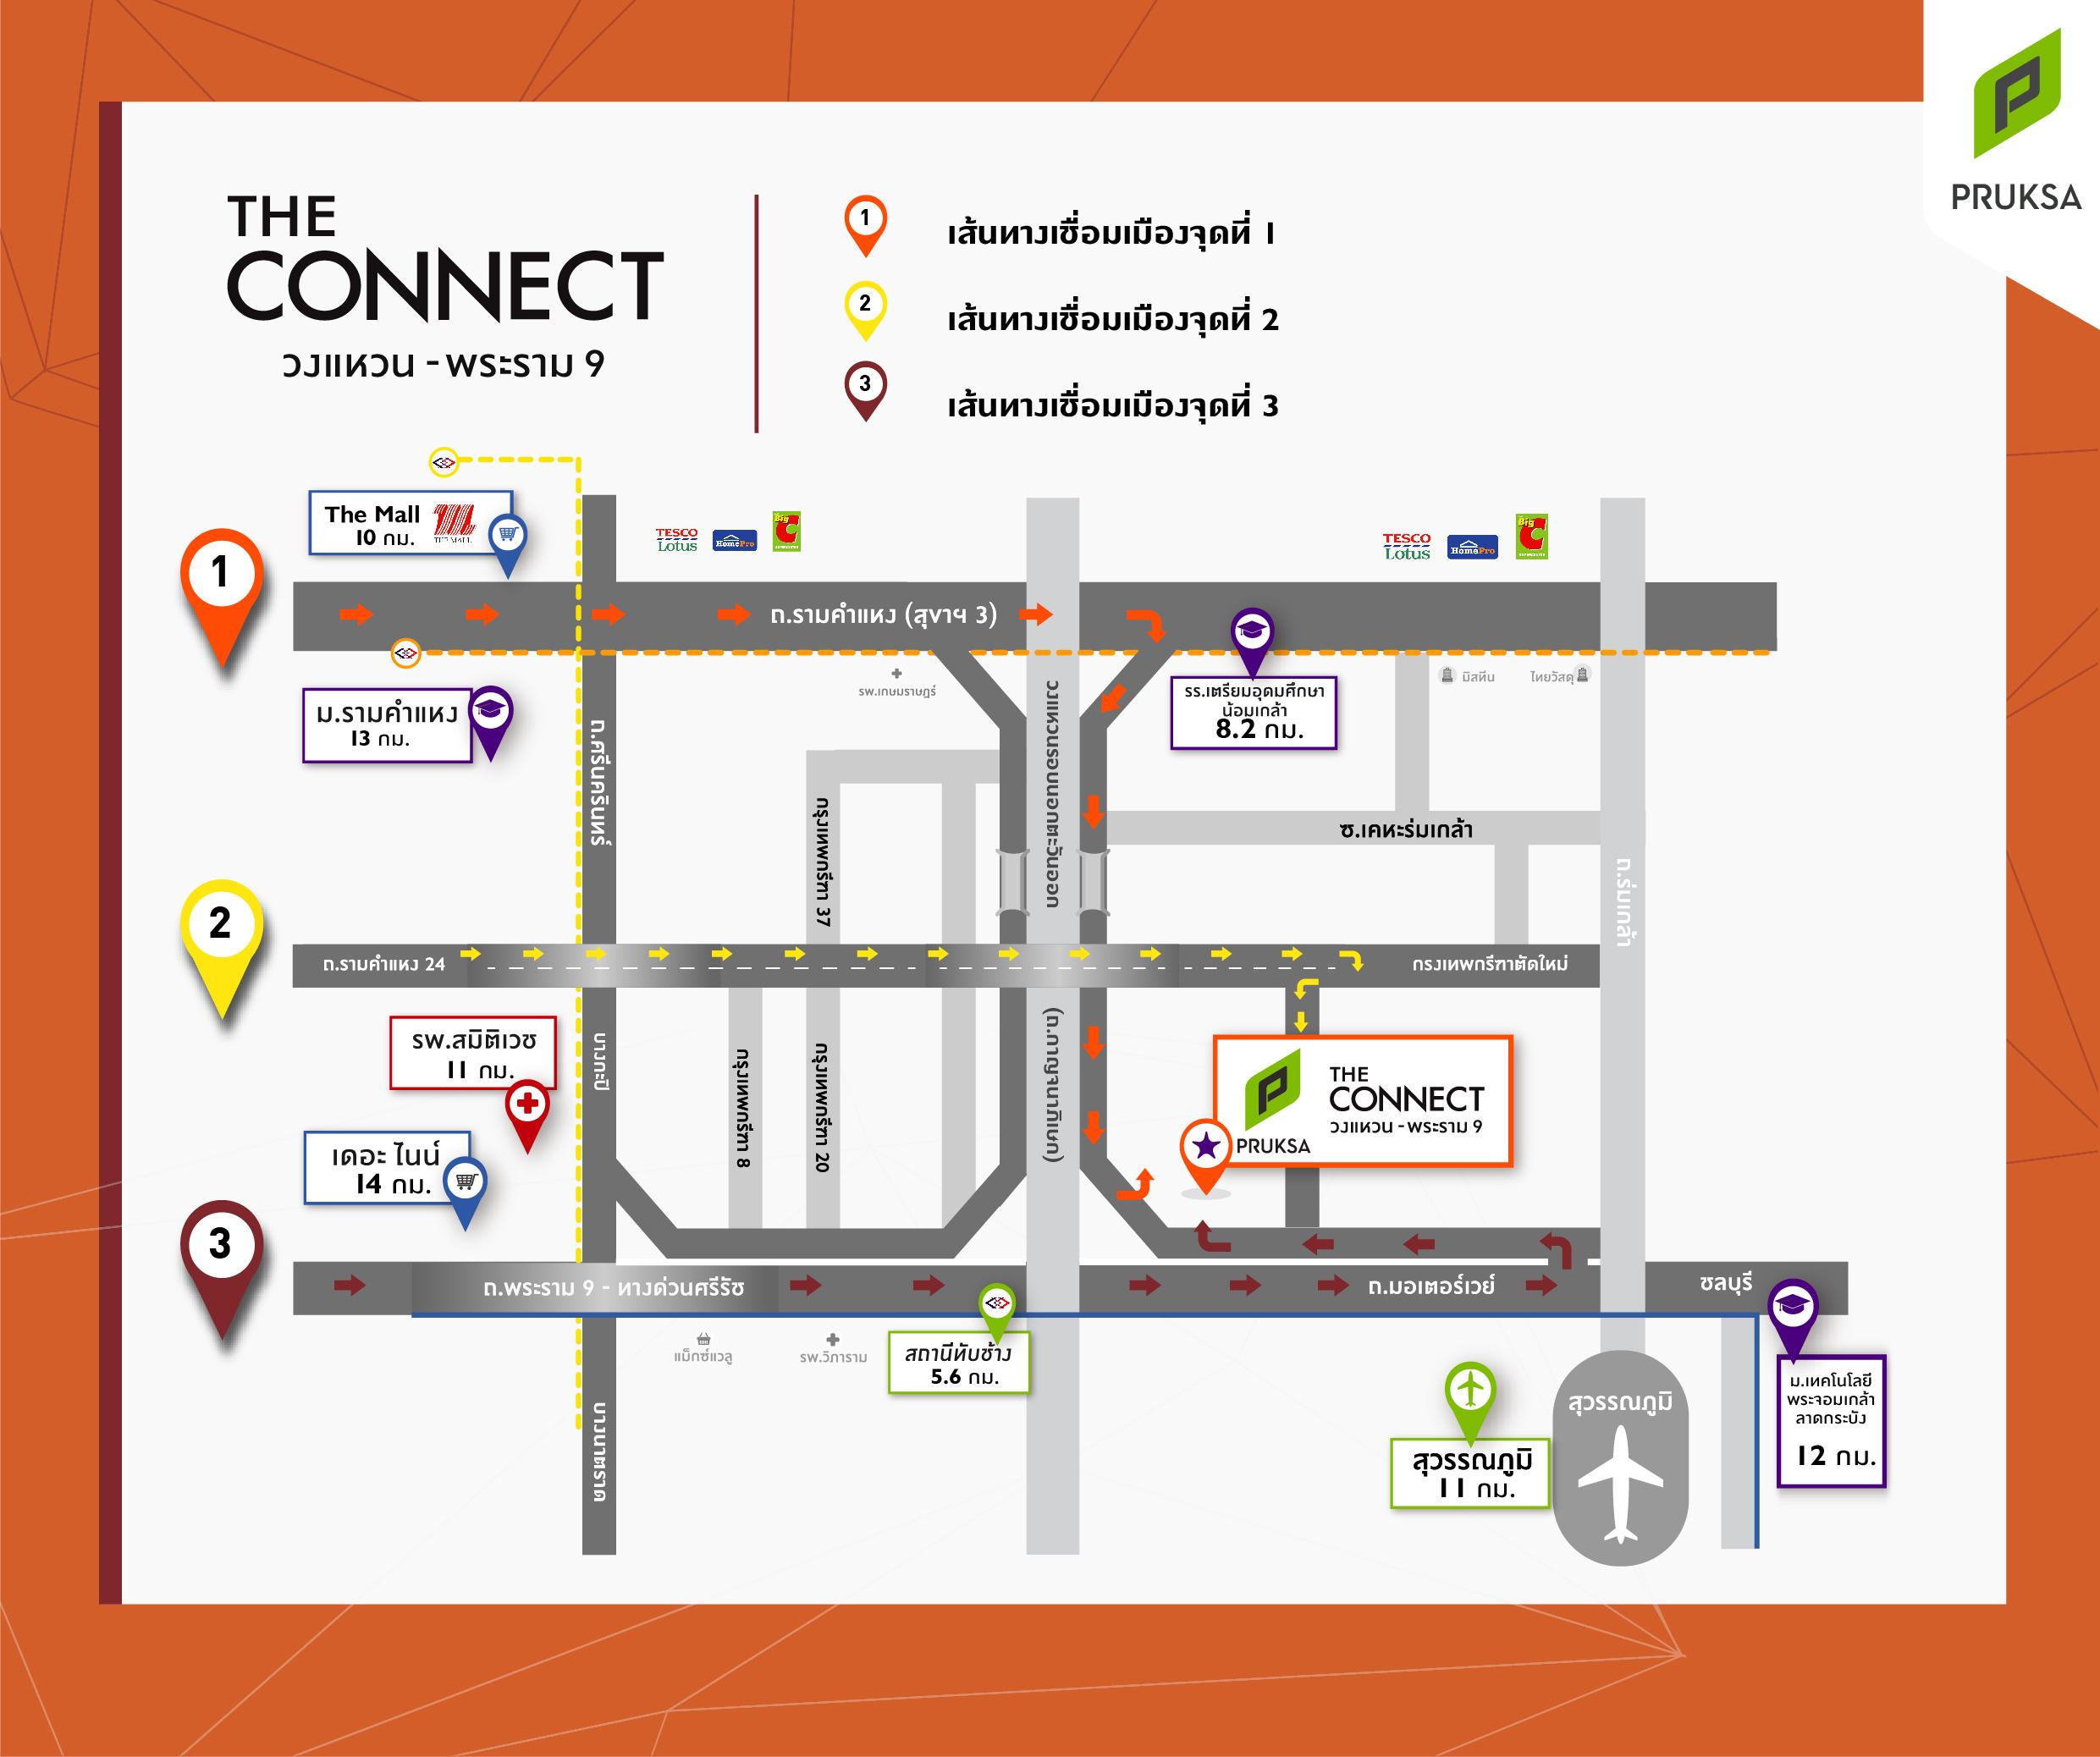 แผนที่ The Connect วงแหวน-พระราม 9